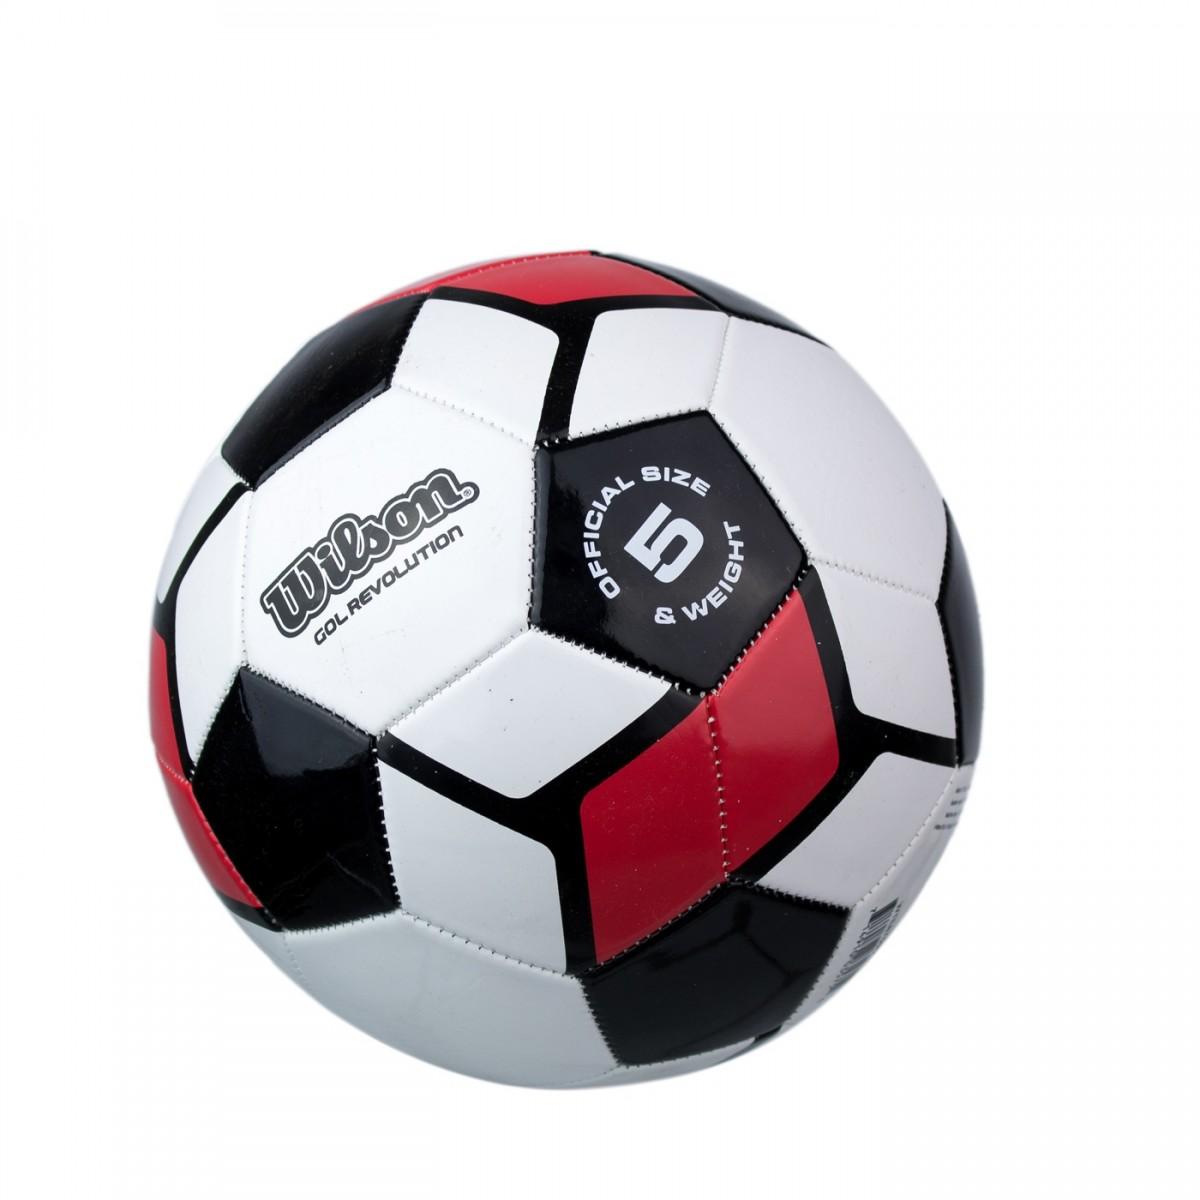 7b5a48e64 Bizz Store - Bola Futebol de Campo Wilson Original